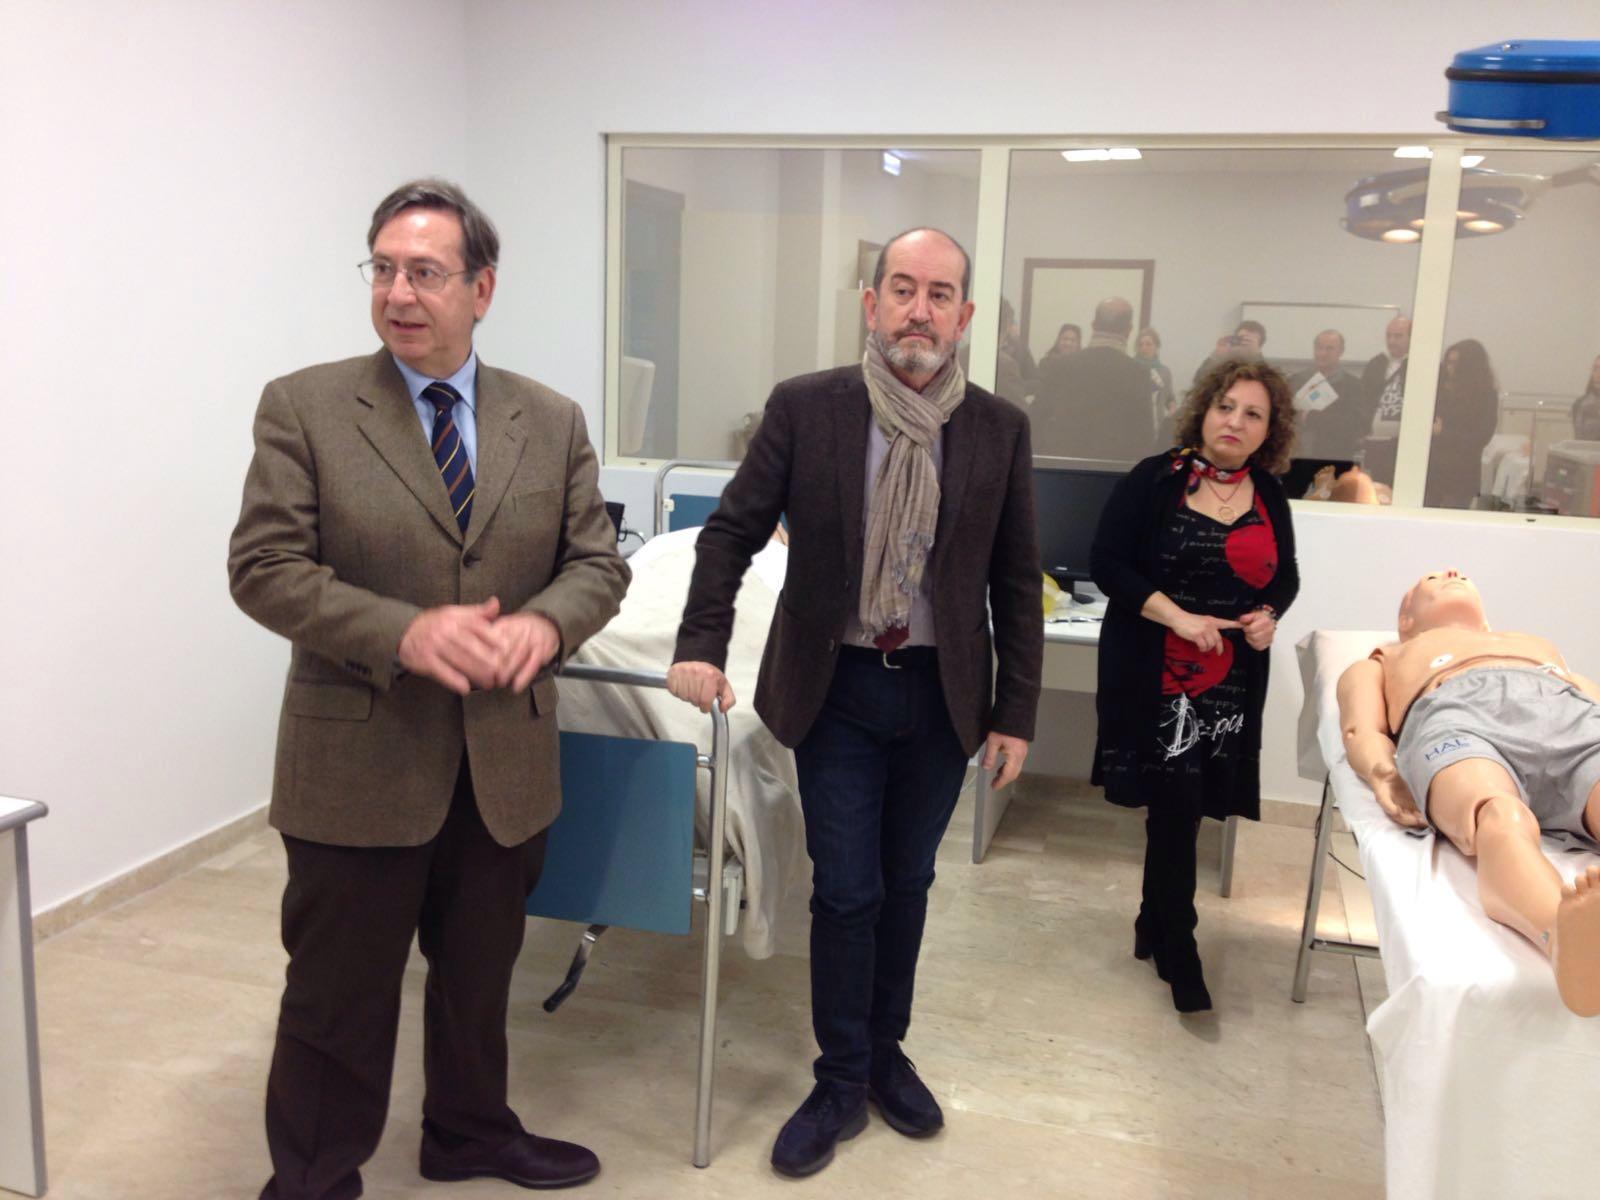 Medicina al cefpas nasce una sala simulazione interventi for Simulazione medicina